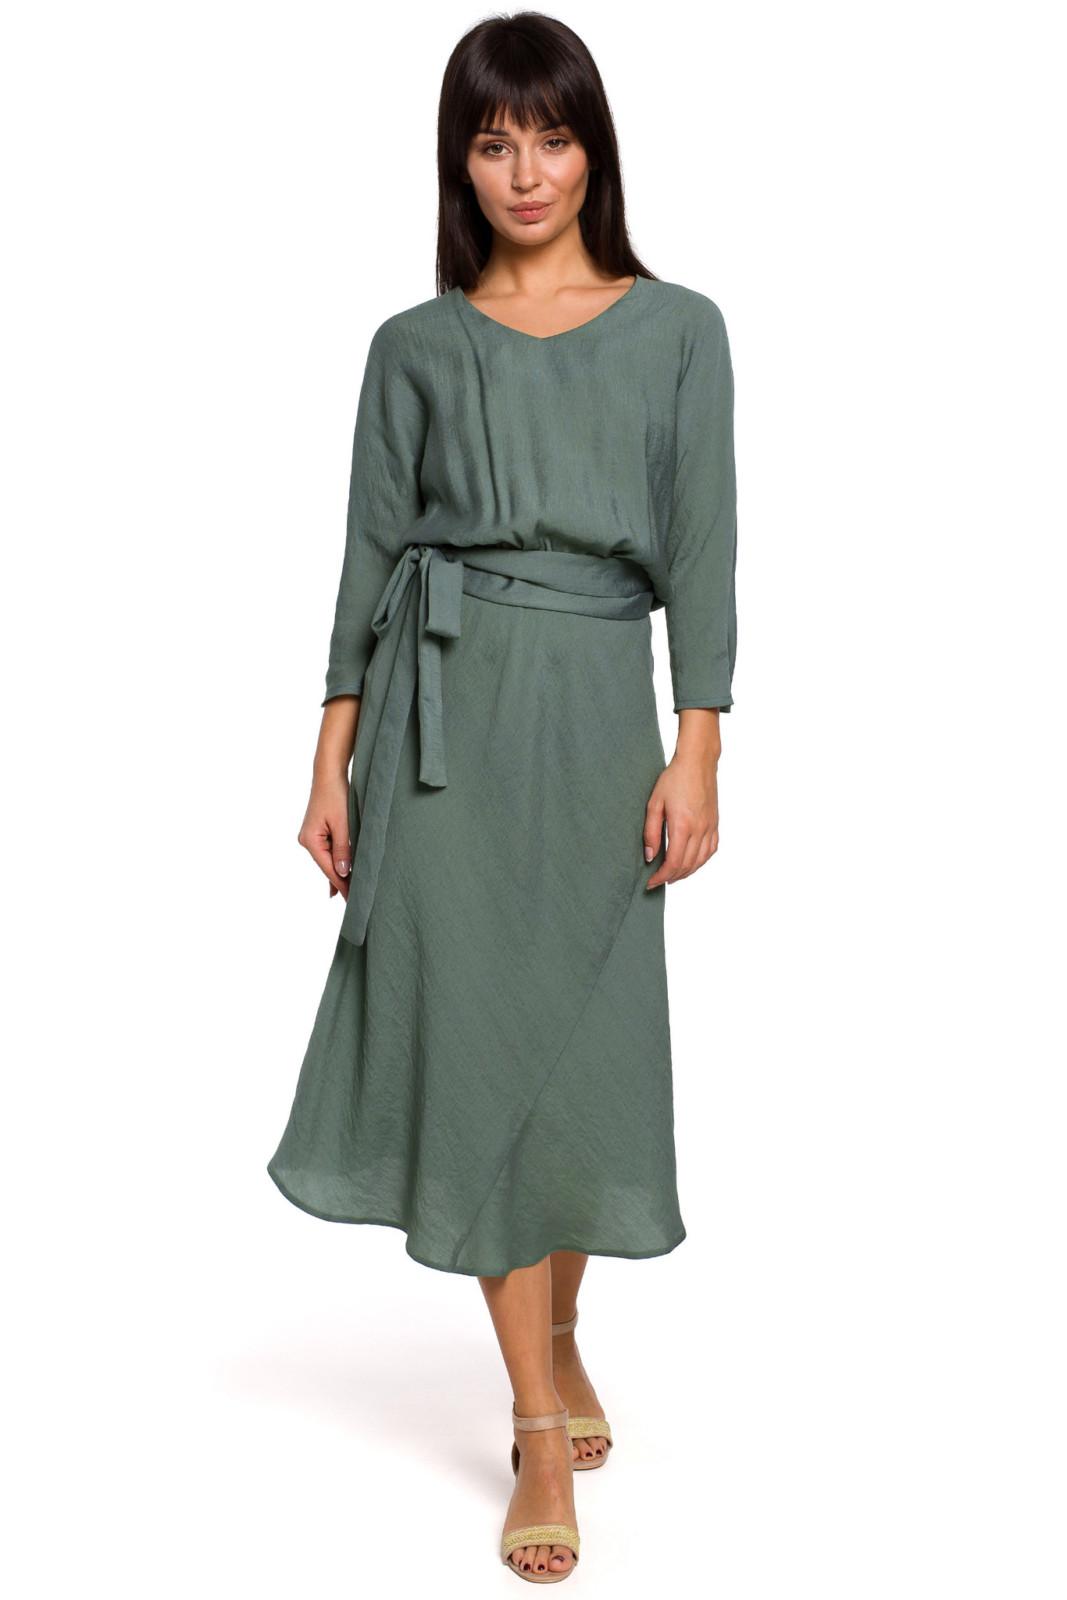 sukienka-w-ksztalcie-litery-a-midi avocado style